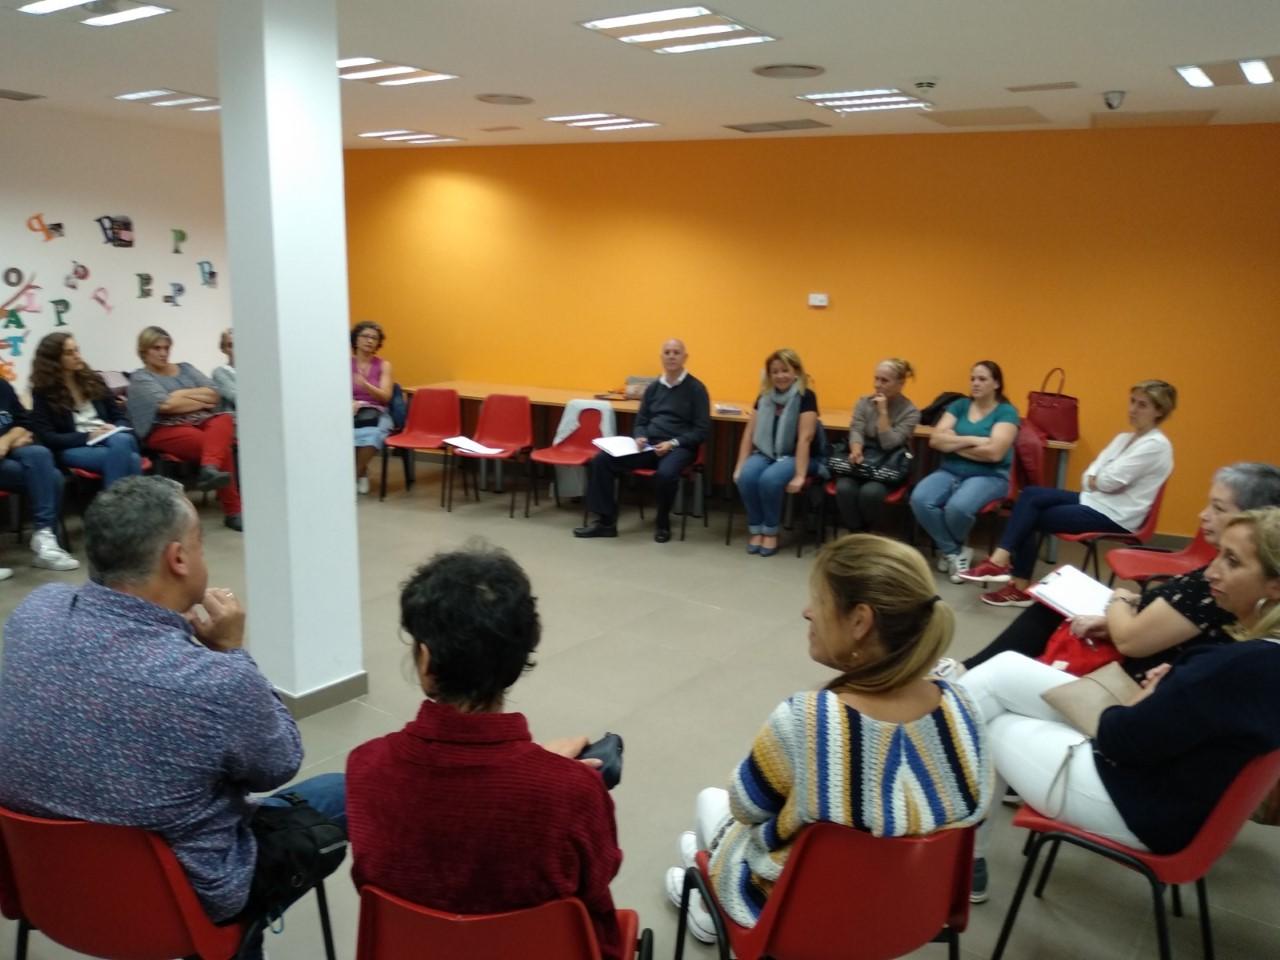 La concejalía de Educación de Arucas celebra una reunión informativa con la directiva de las AMPAS los centros educativos del municipio